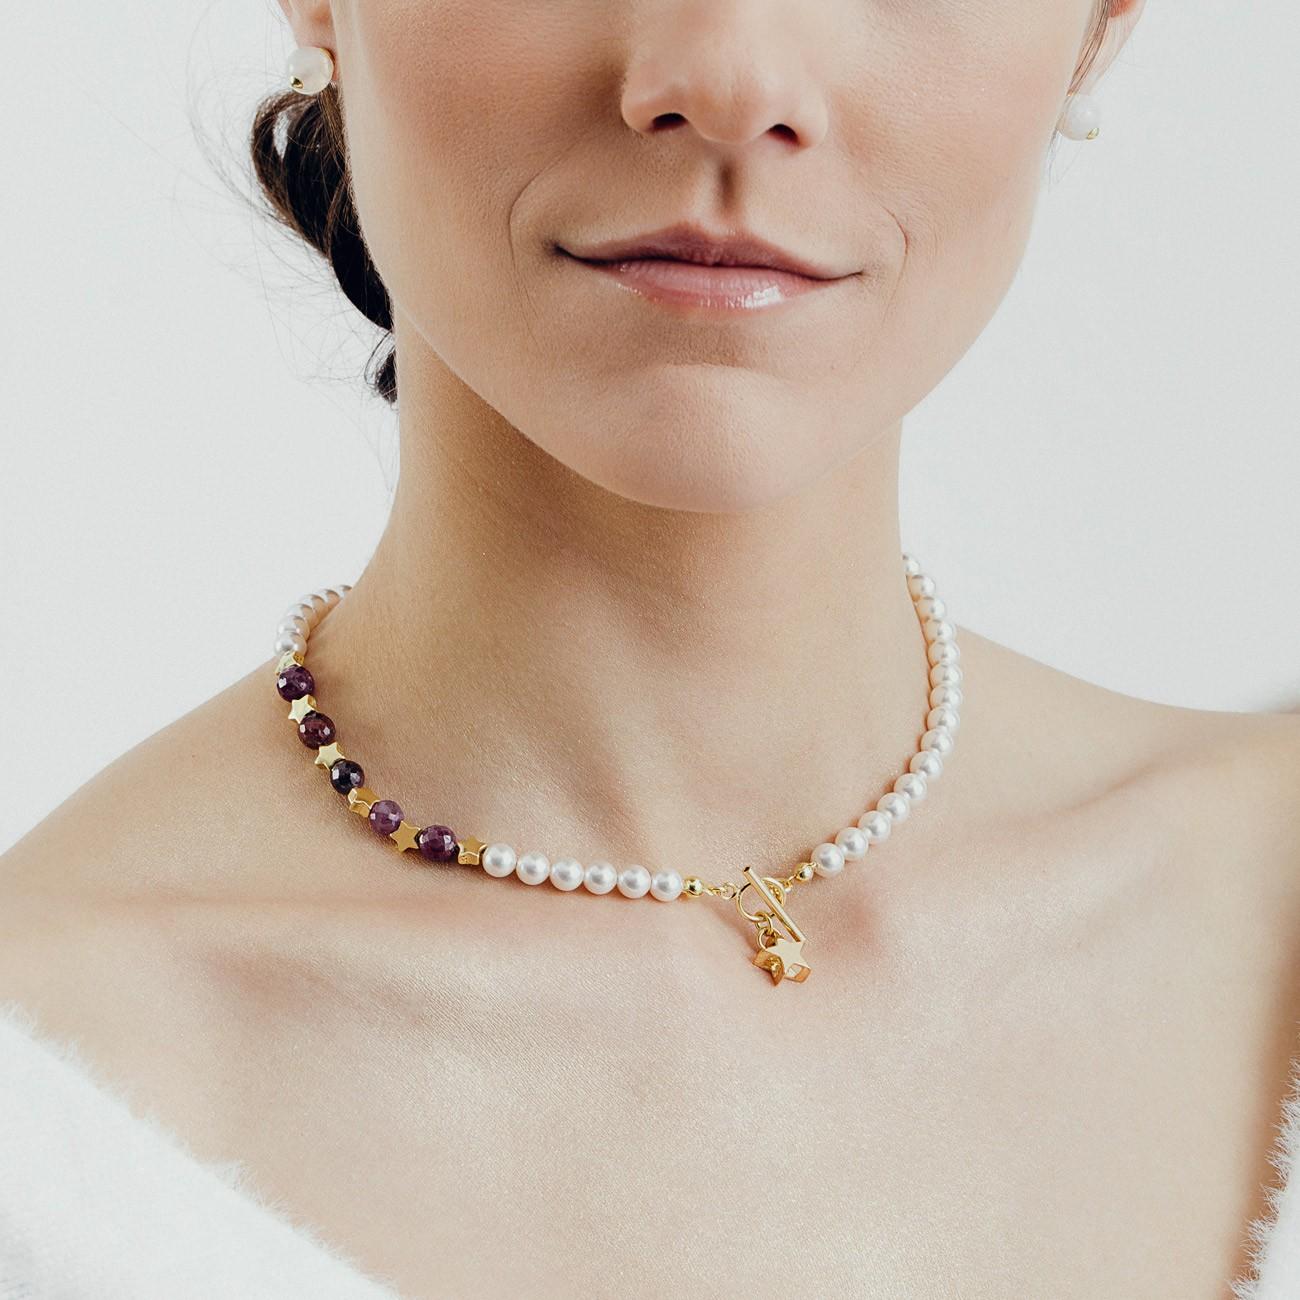 Rubinowy choker z perłami i gwiazdkami, srebro 925